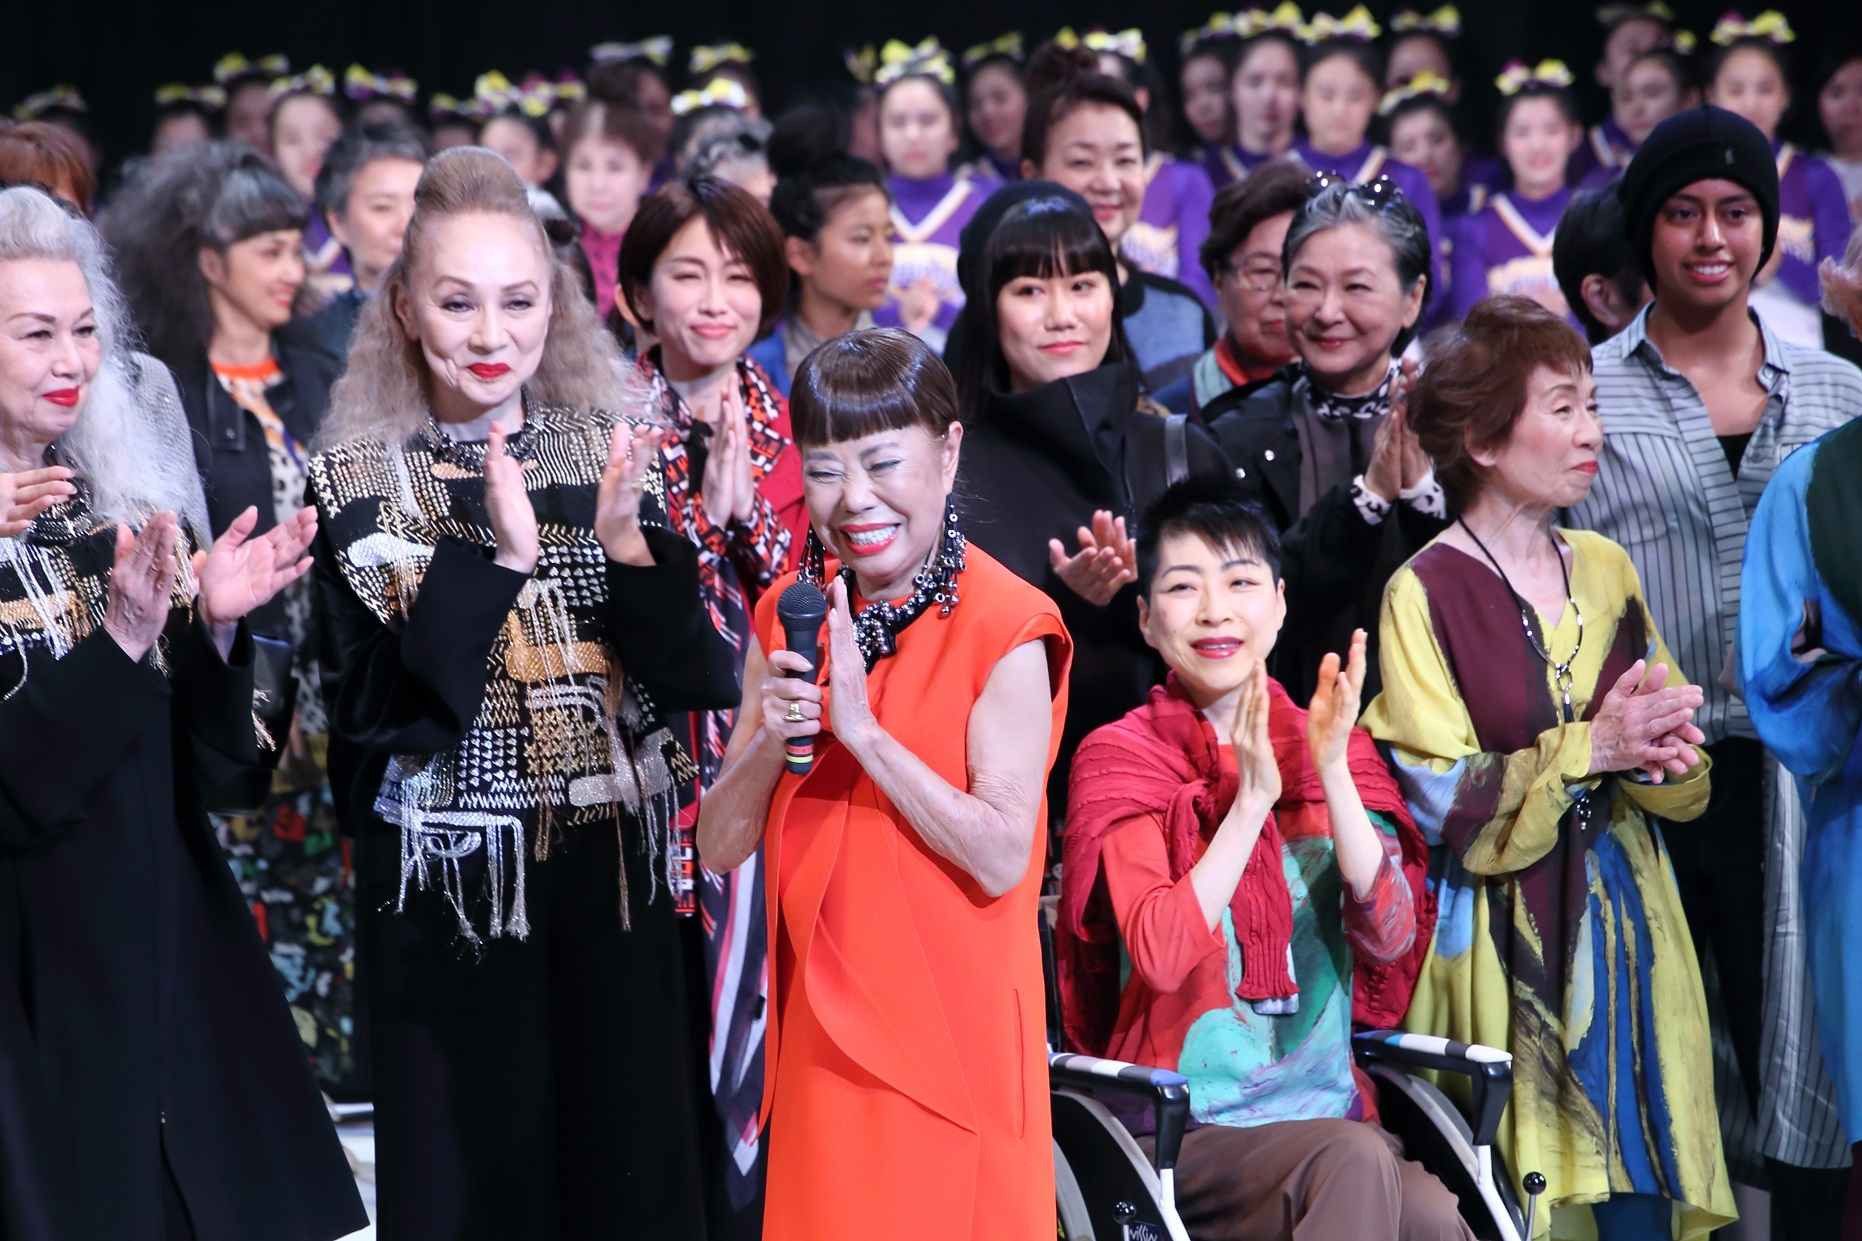 「コシノヒロコ ファッションショー GET YOUR STYLE!」無事、終了しました! 今夜7/2(火)NHKニュースでも紹介いただきます!